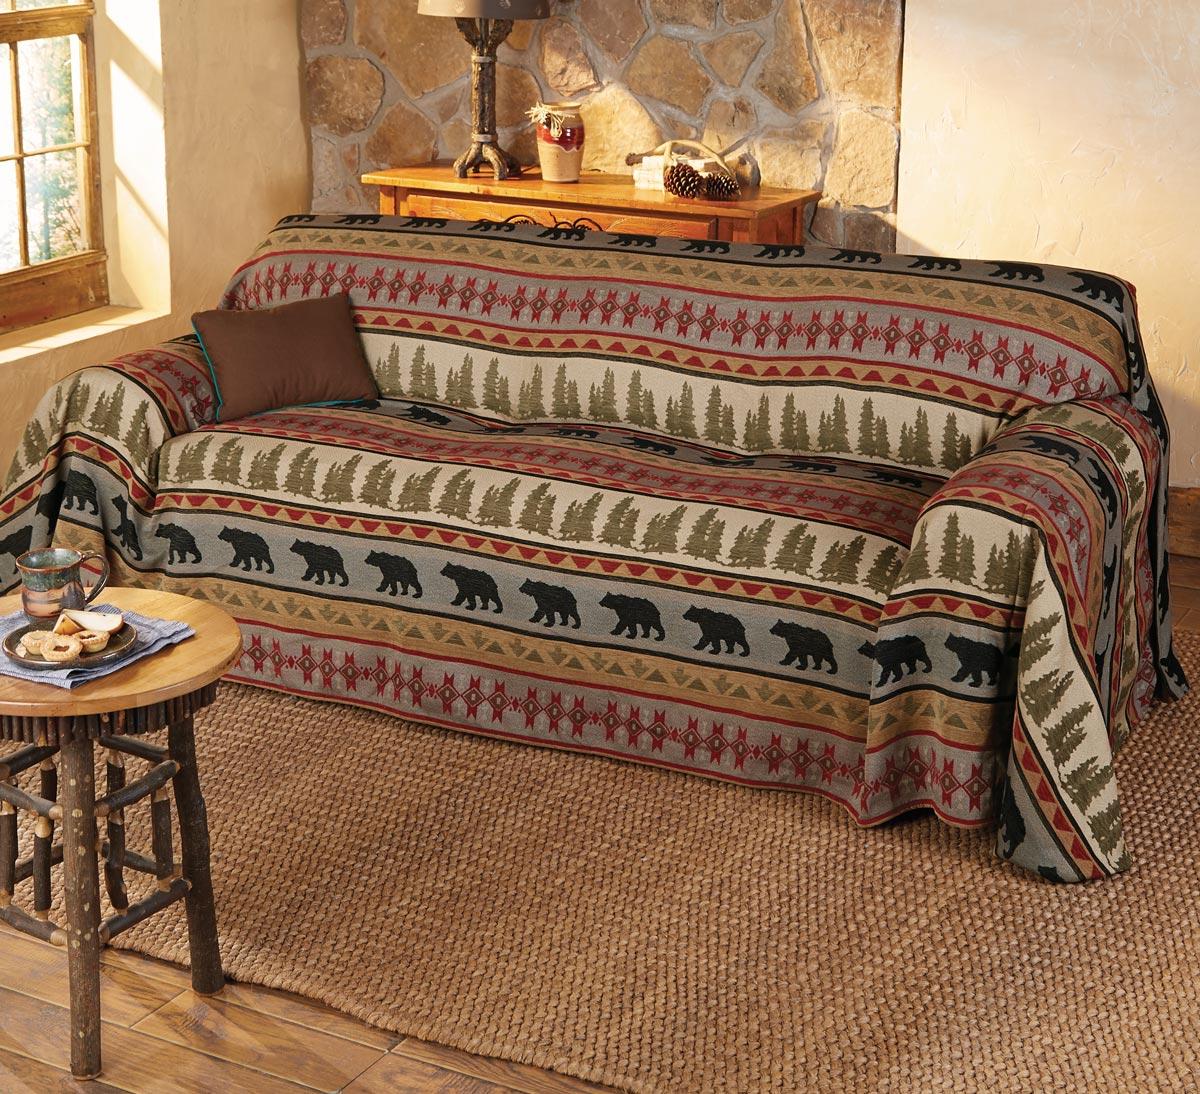 Exceptional Montana Bear Sofa Cover   Wilderness Furniture   Walmart.com